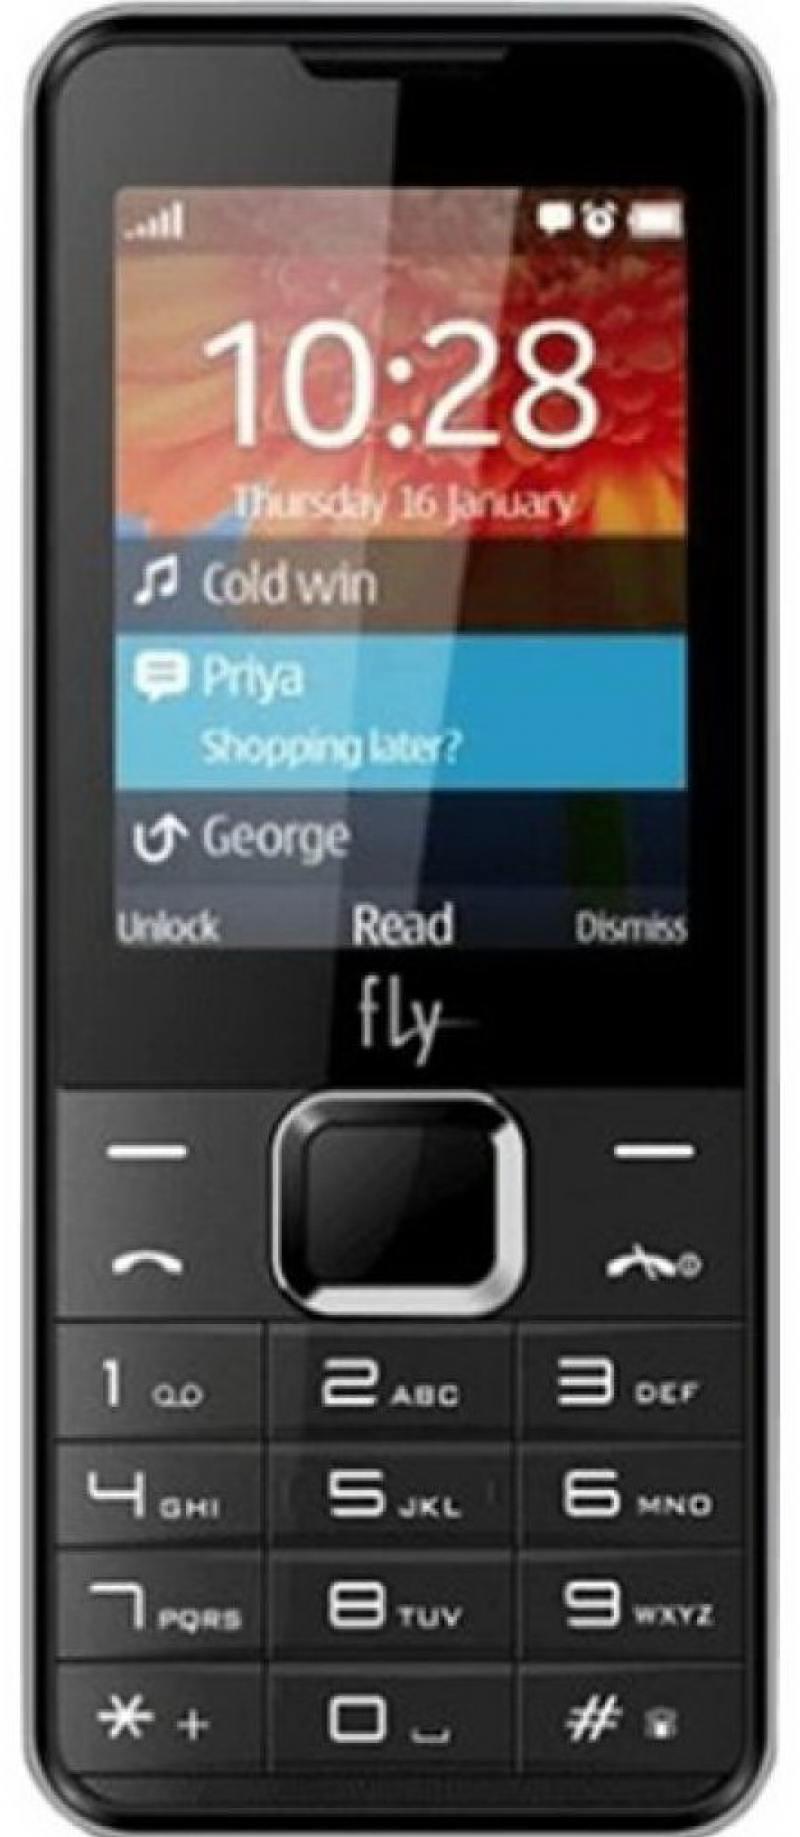 Мобильный телефон Fly FF243 черный 2.4 32 Мб мобильный телефон fly ff281 черный